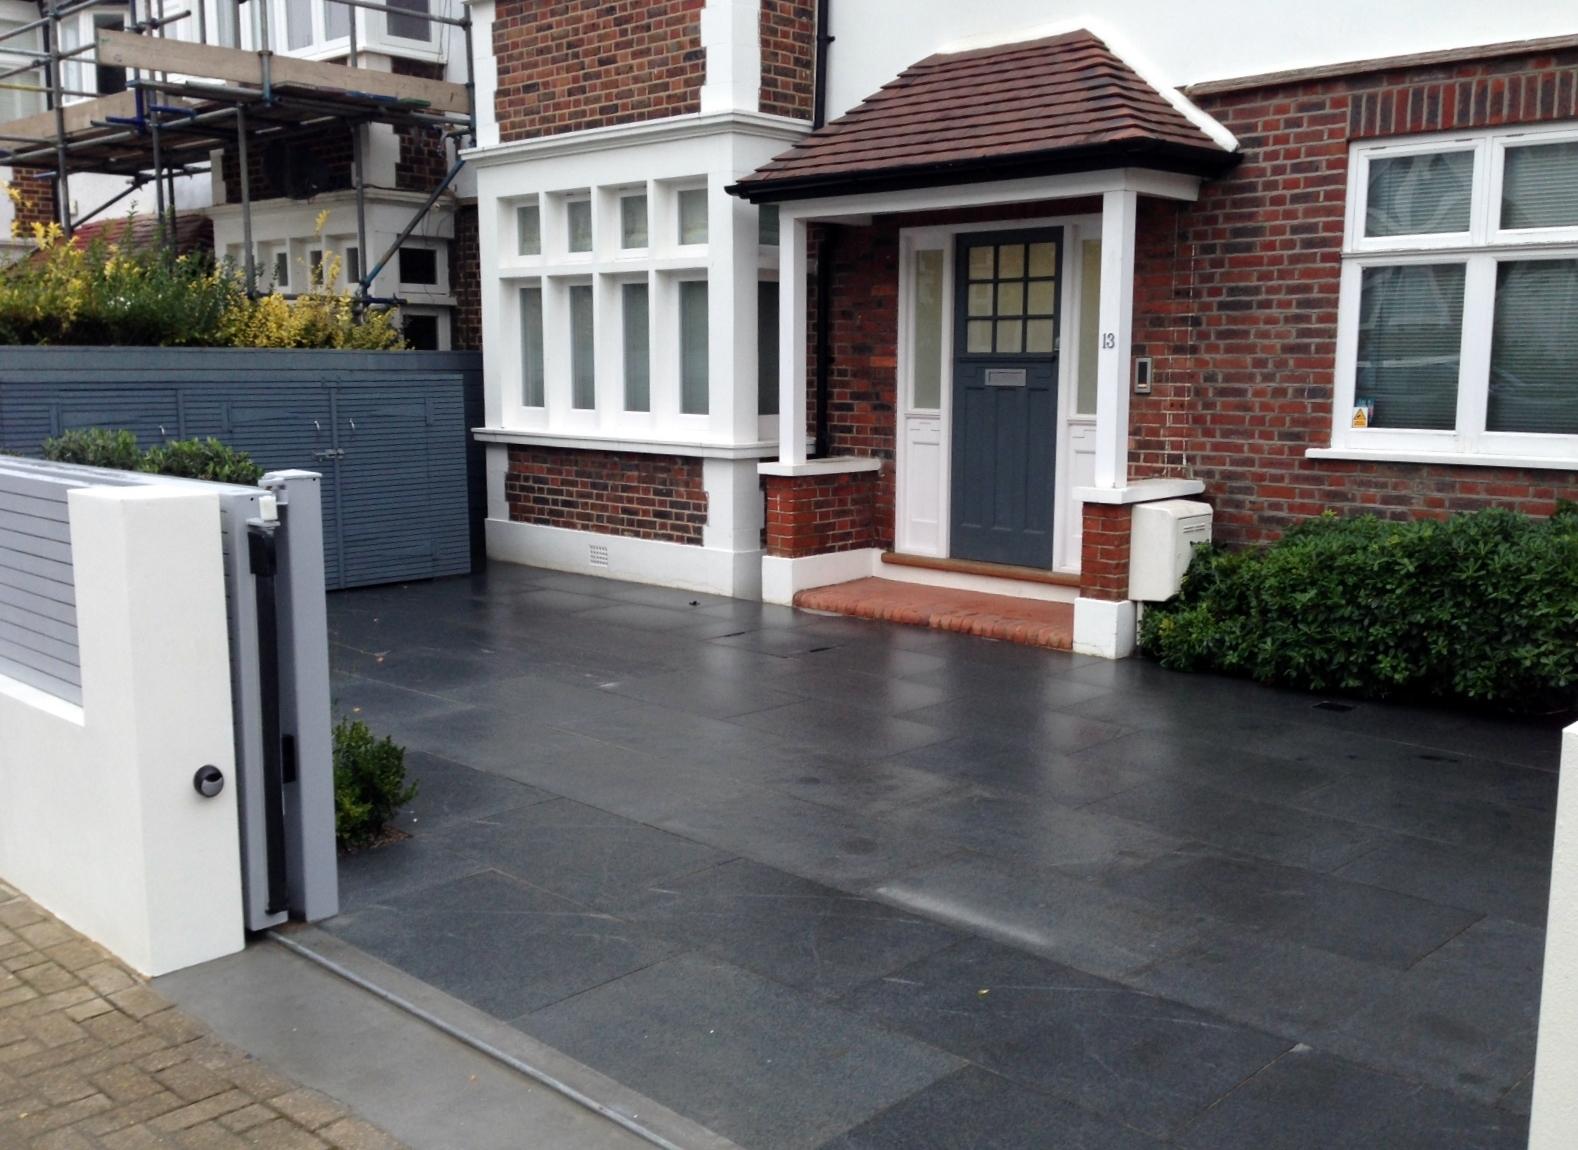 Slatted London Garden Design